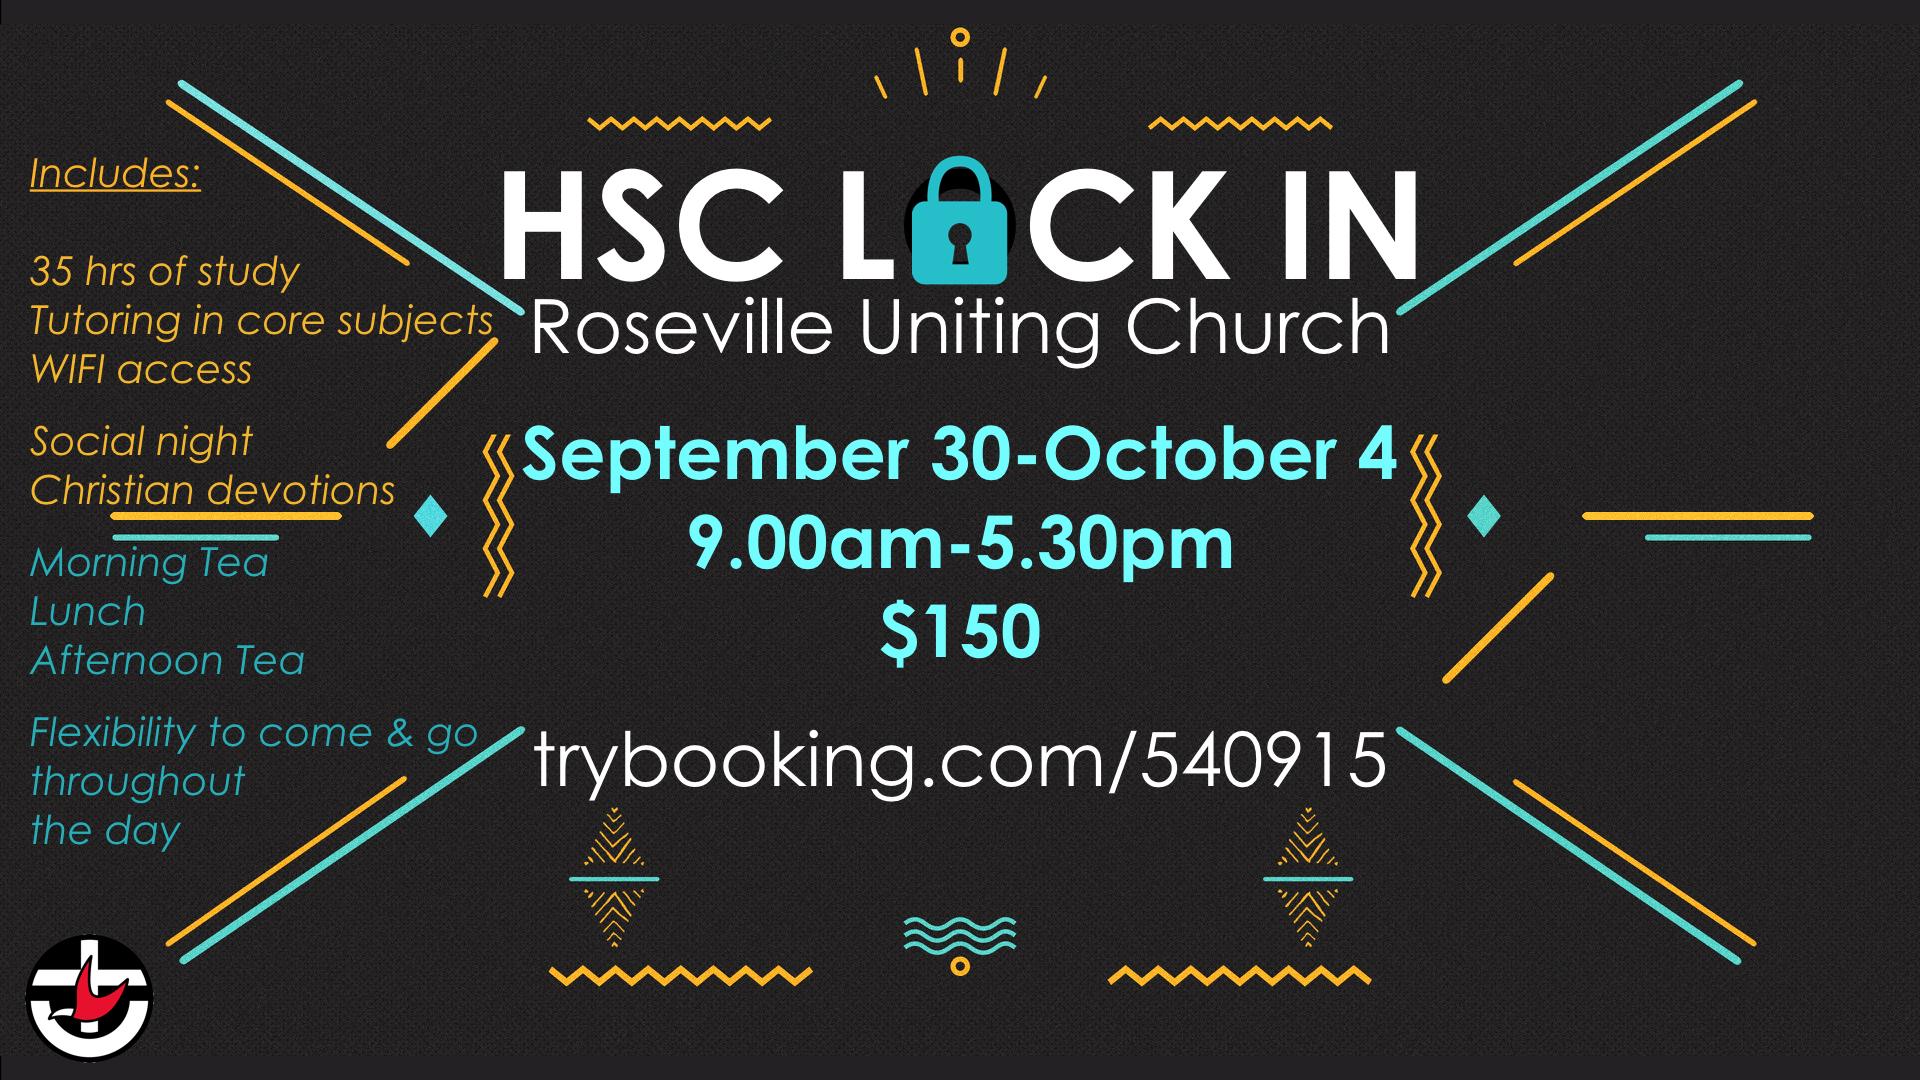 HSC Lock In